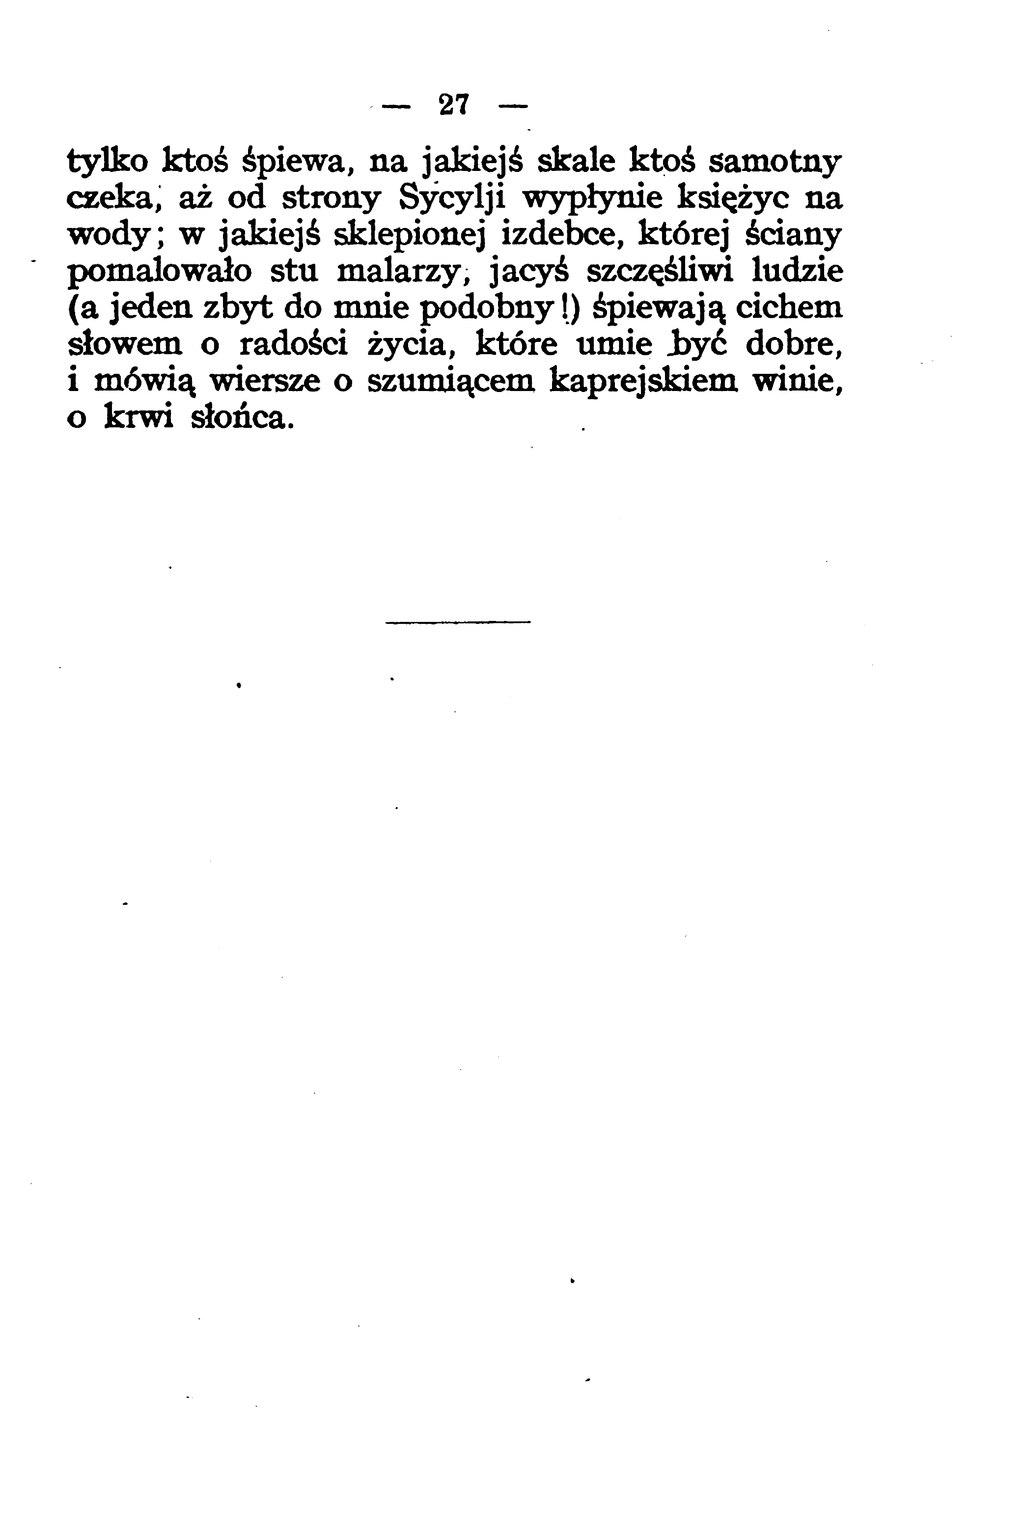 Pagemakuszyński Straszliwe Przygodydjvu37 Wikisource